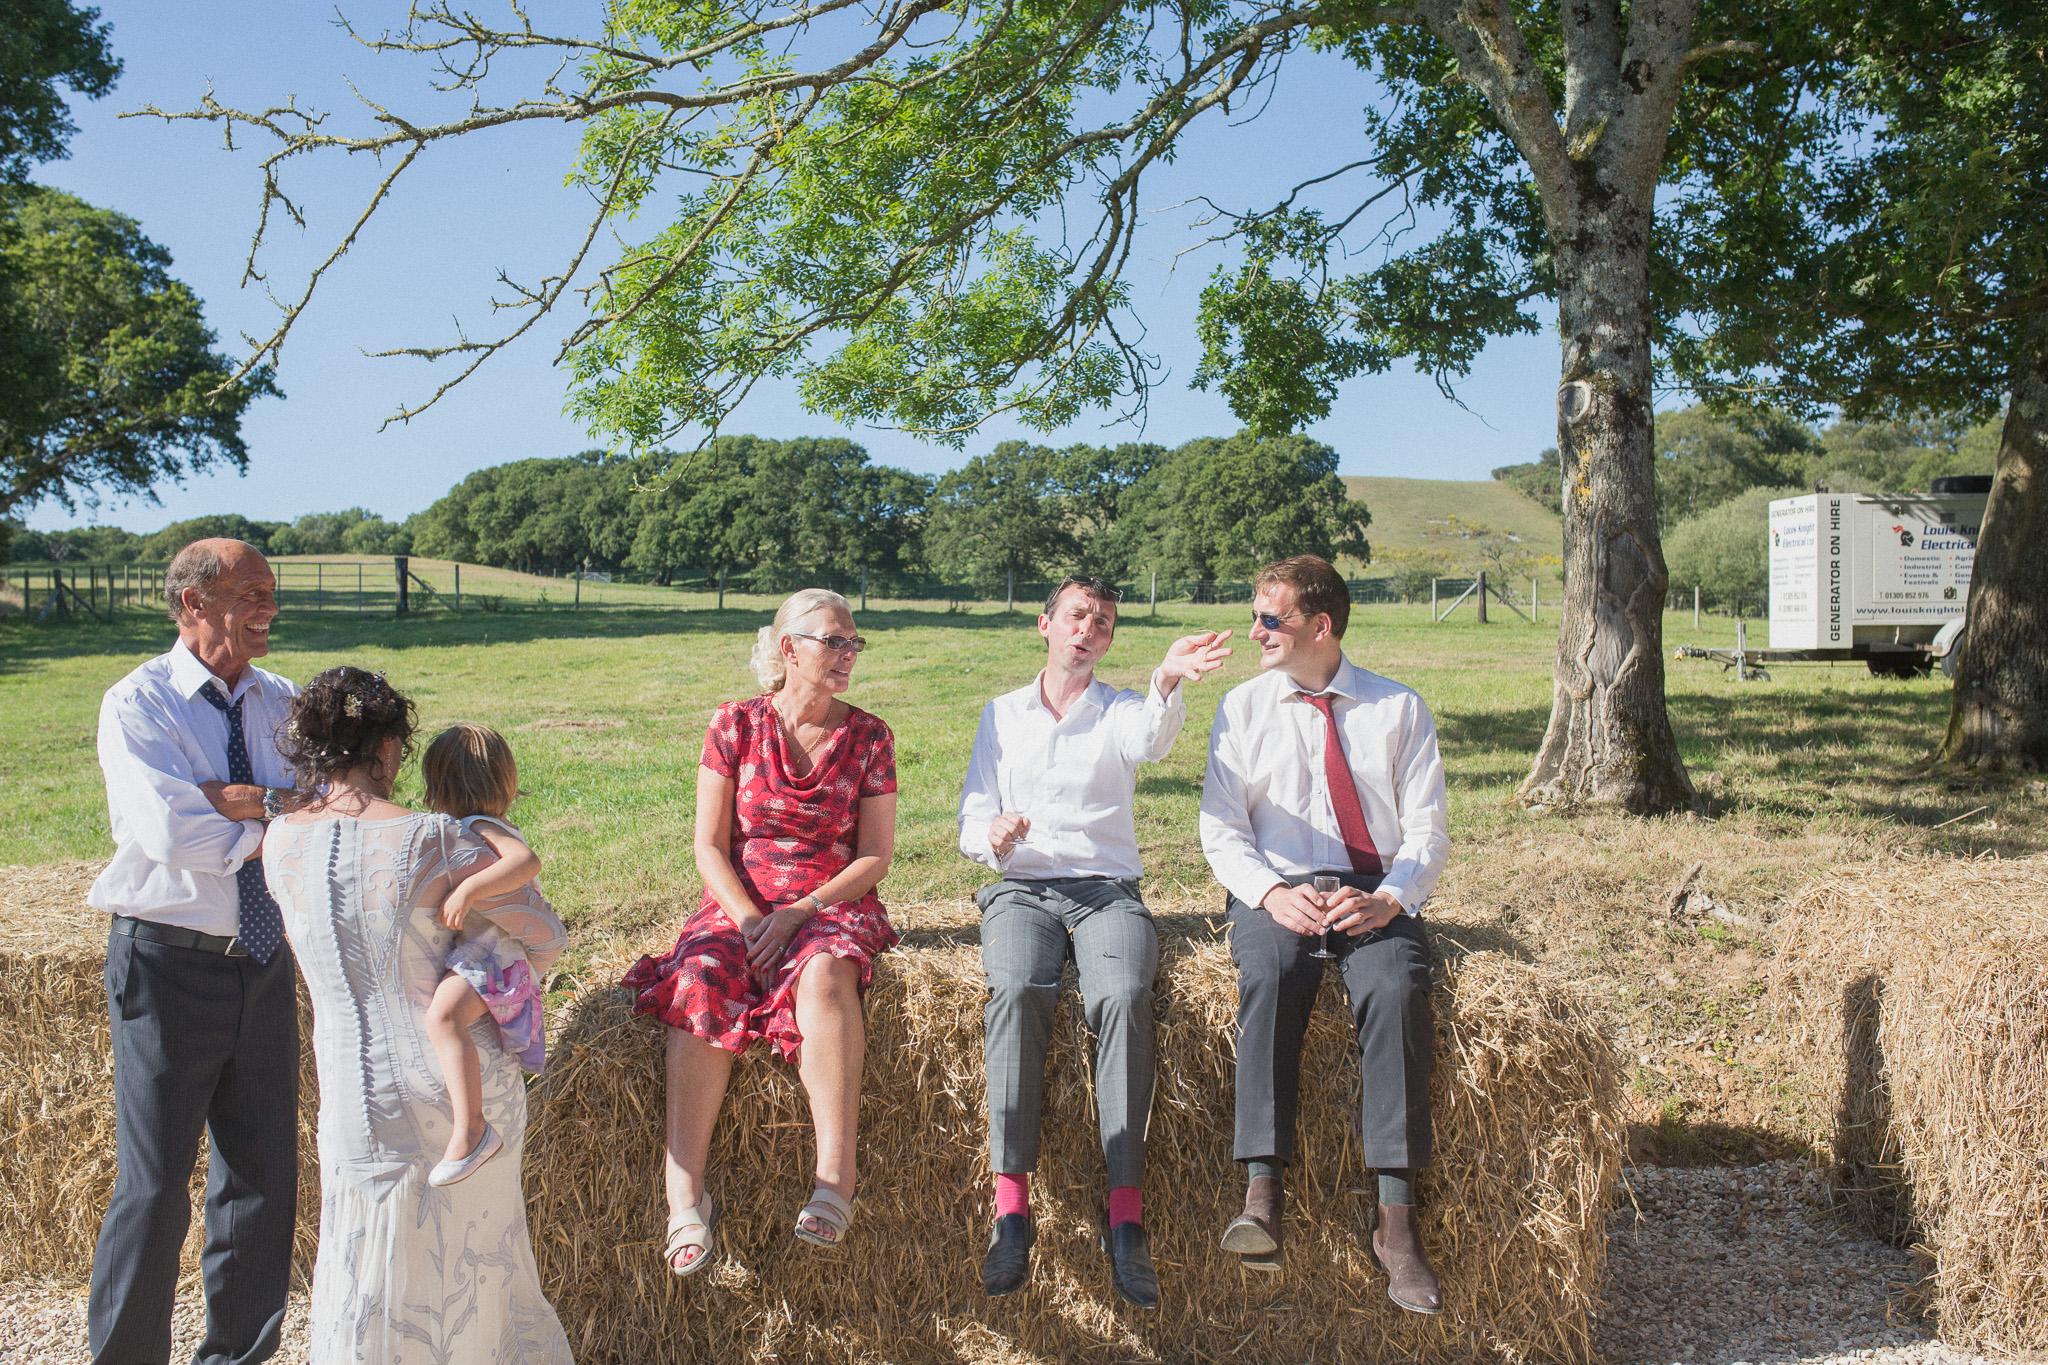 Elisa-Ryan-Rustic-Wedding-Blog-115.jpg